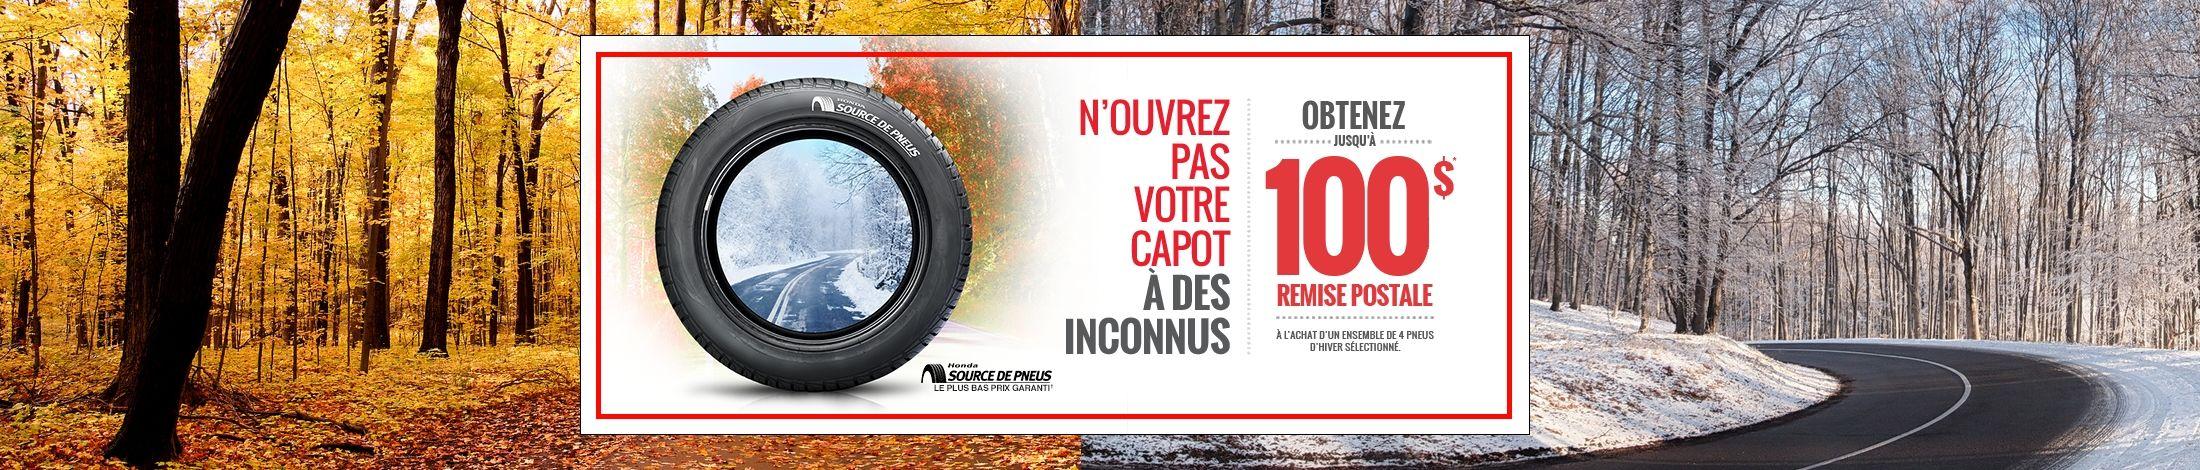 Programmez votre pose de pneus!